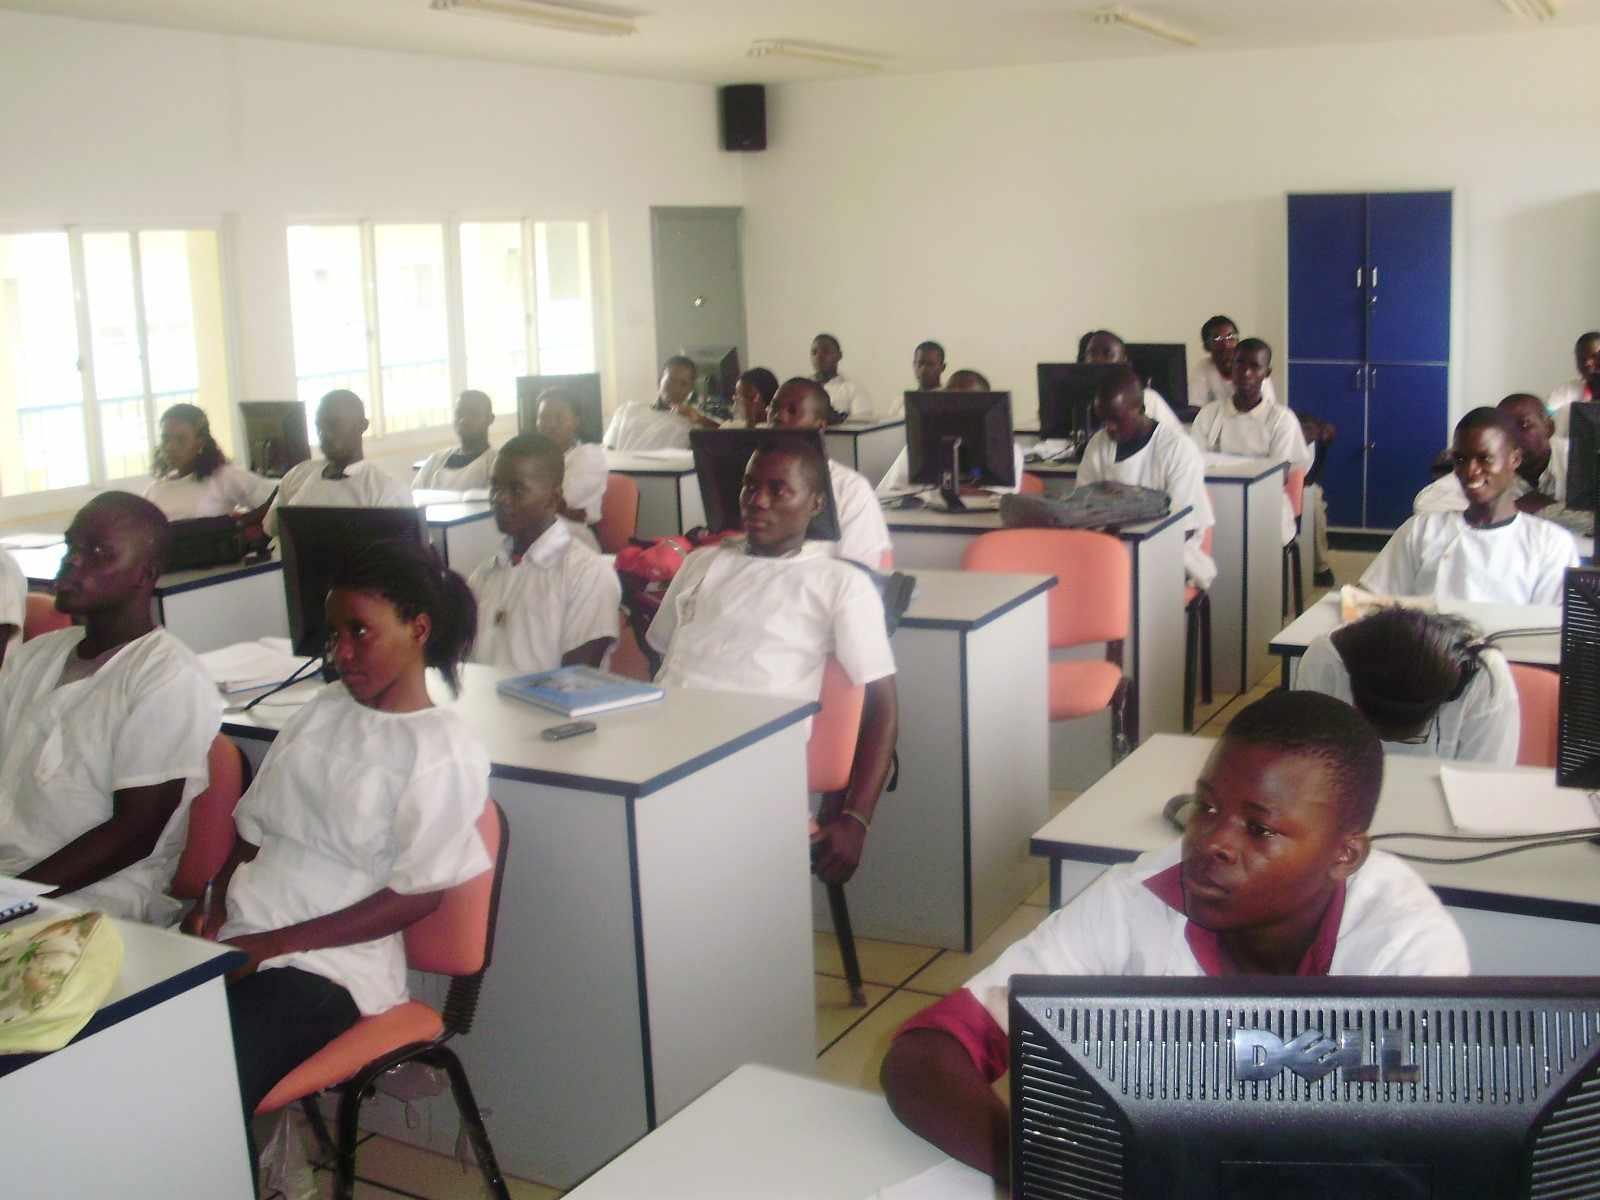 1º aula no Laboratório de Informática, após a conquista brasileira da instalação de energia elétrica no Instituto. Ano 2010.